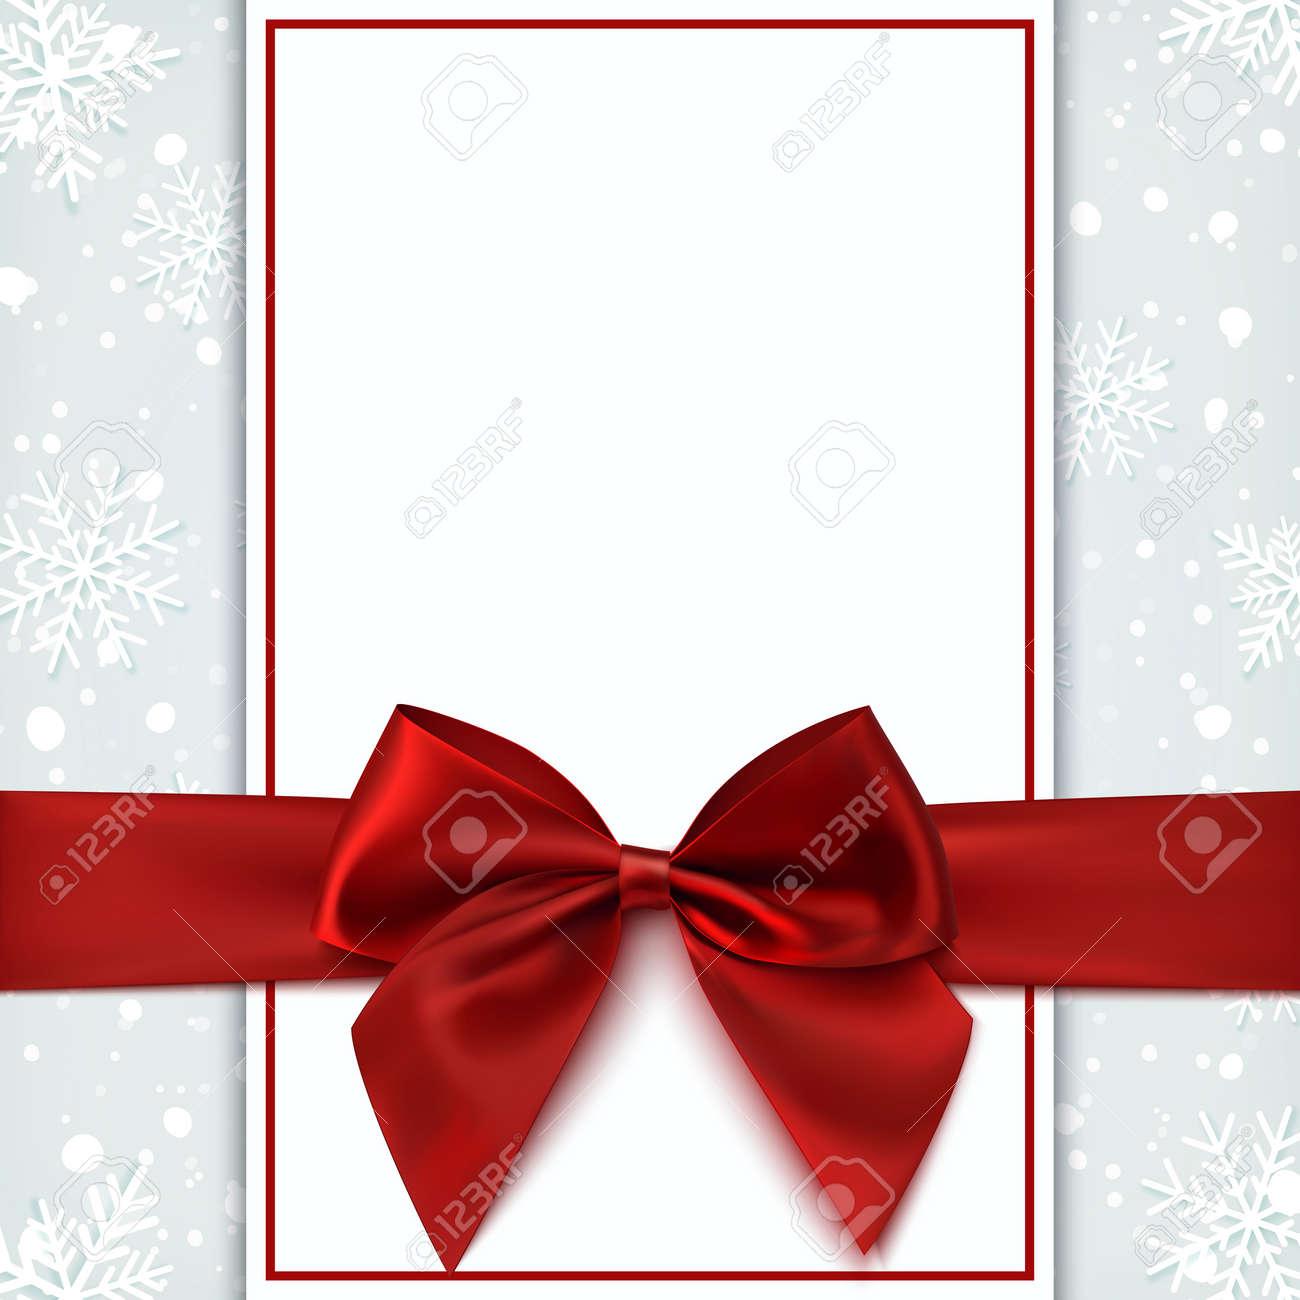 carte de voeux vierge avec l arc rouge et la neige invitation depliant ou modele de brochure illustration vectorielle